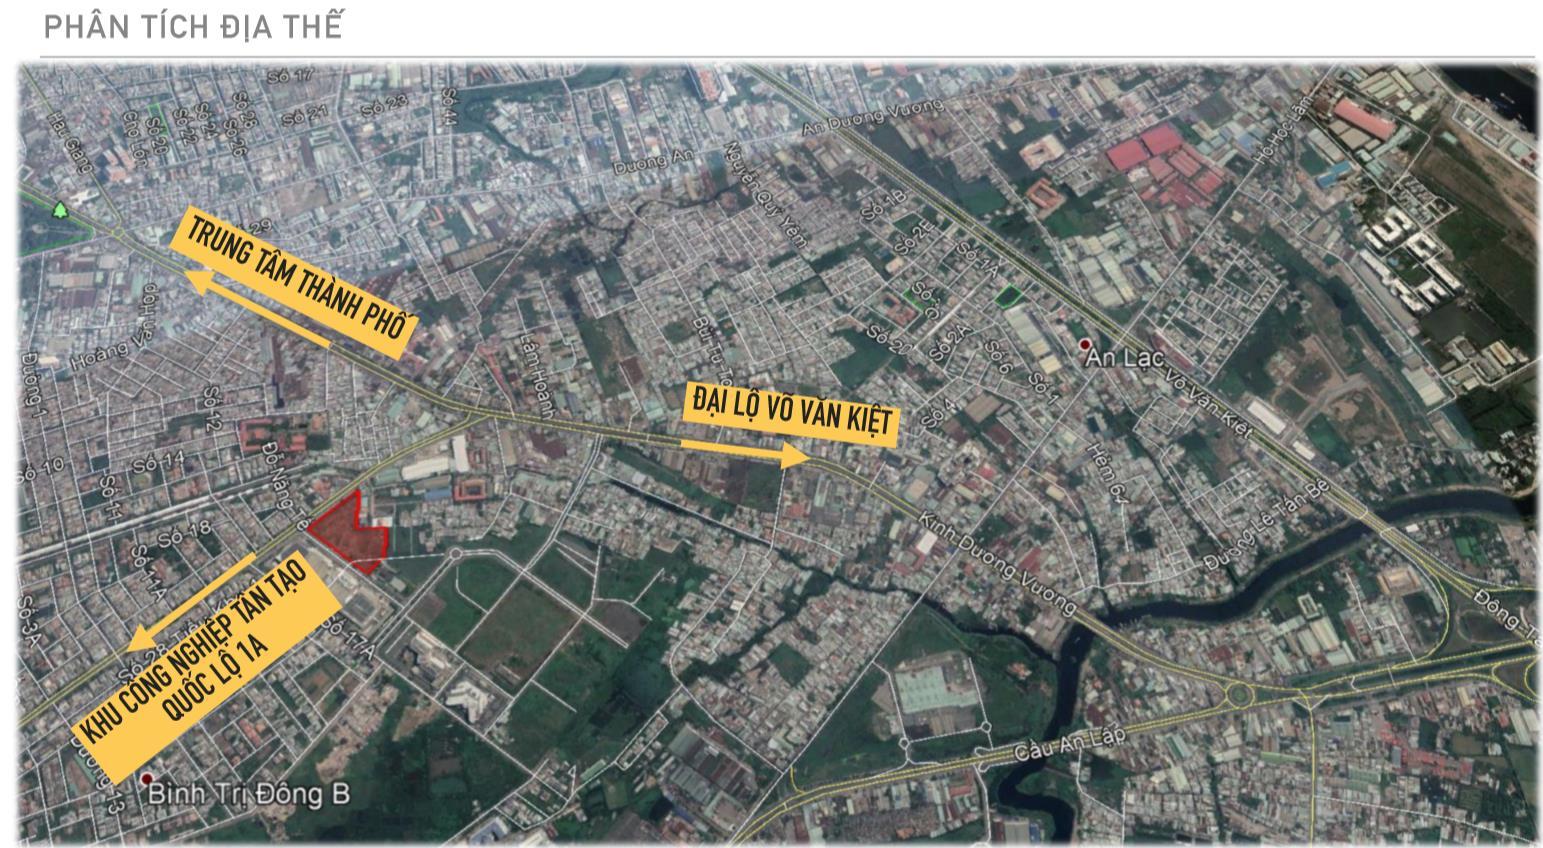 Trải nghiệm căn hộ Aio City Bình Tân hấp dẫn ngay từ cái nhìn đầu tiên 2